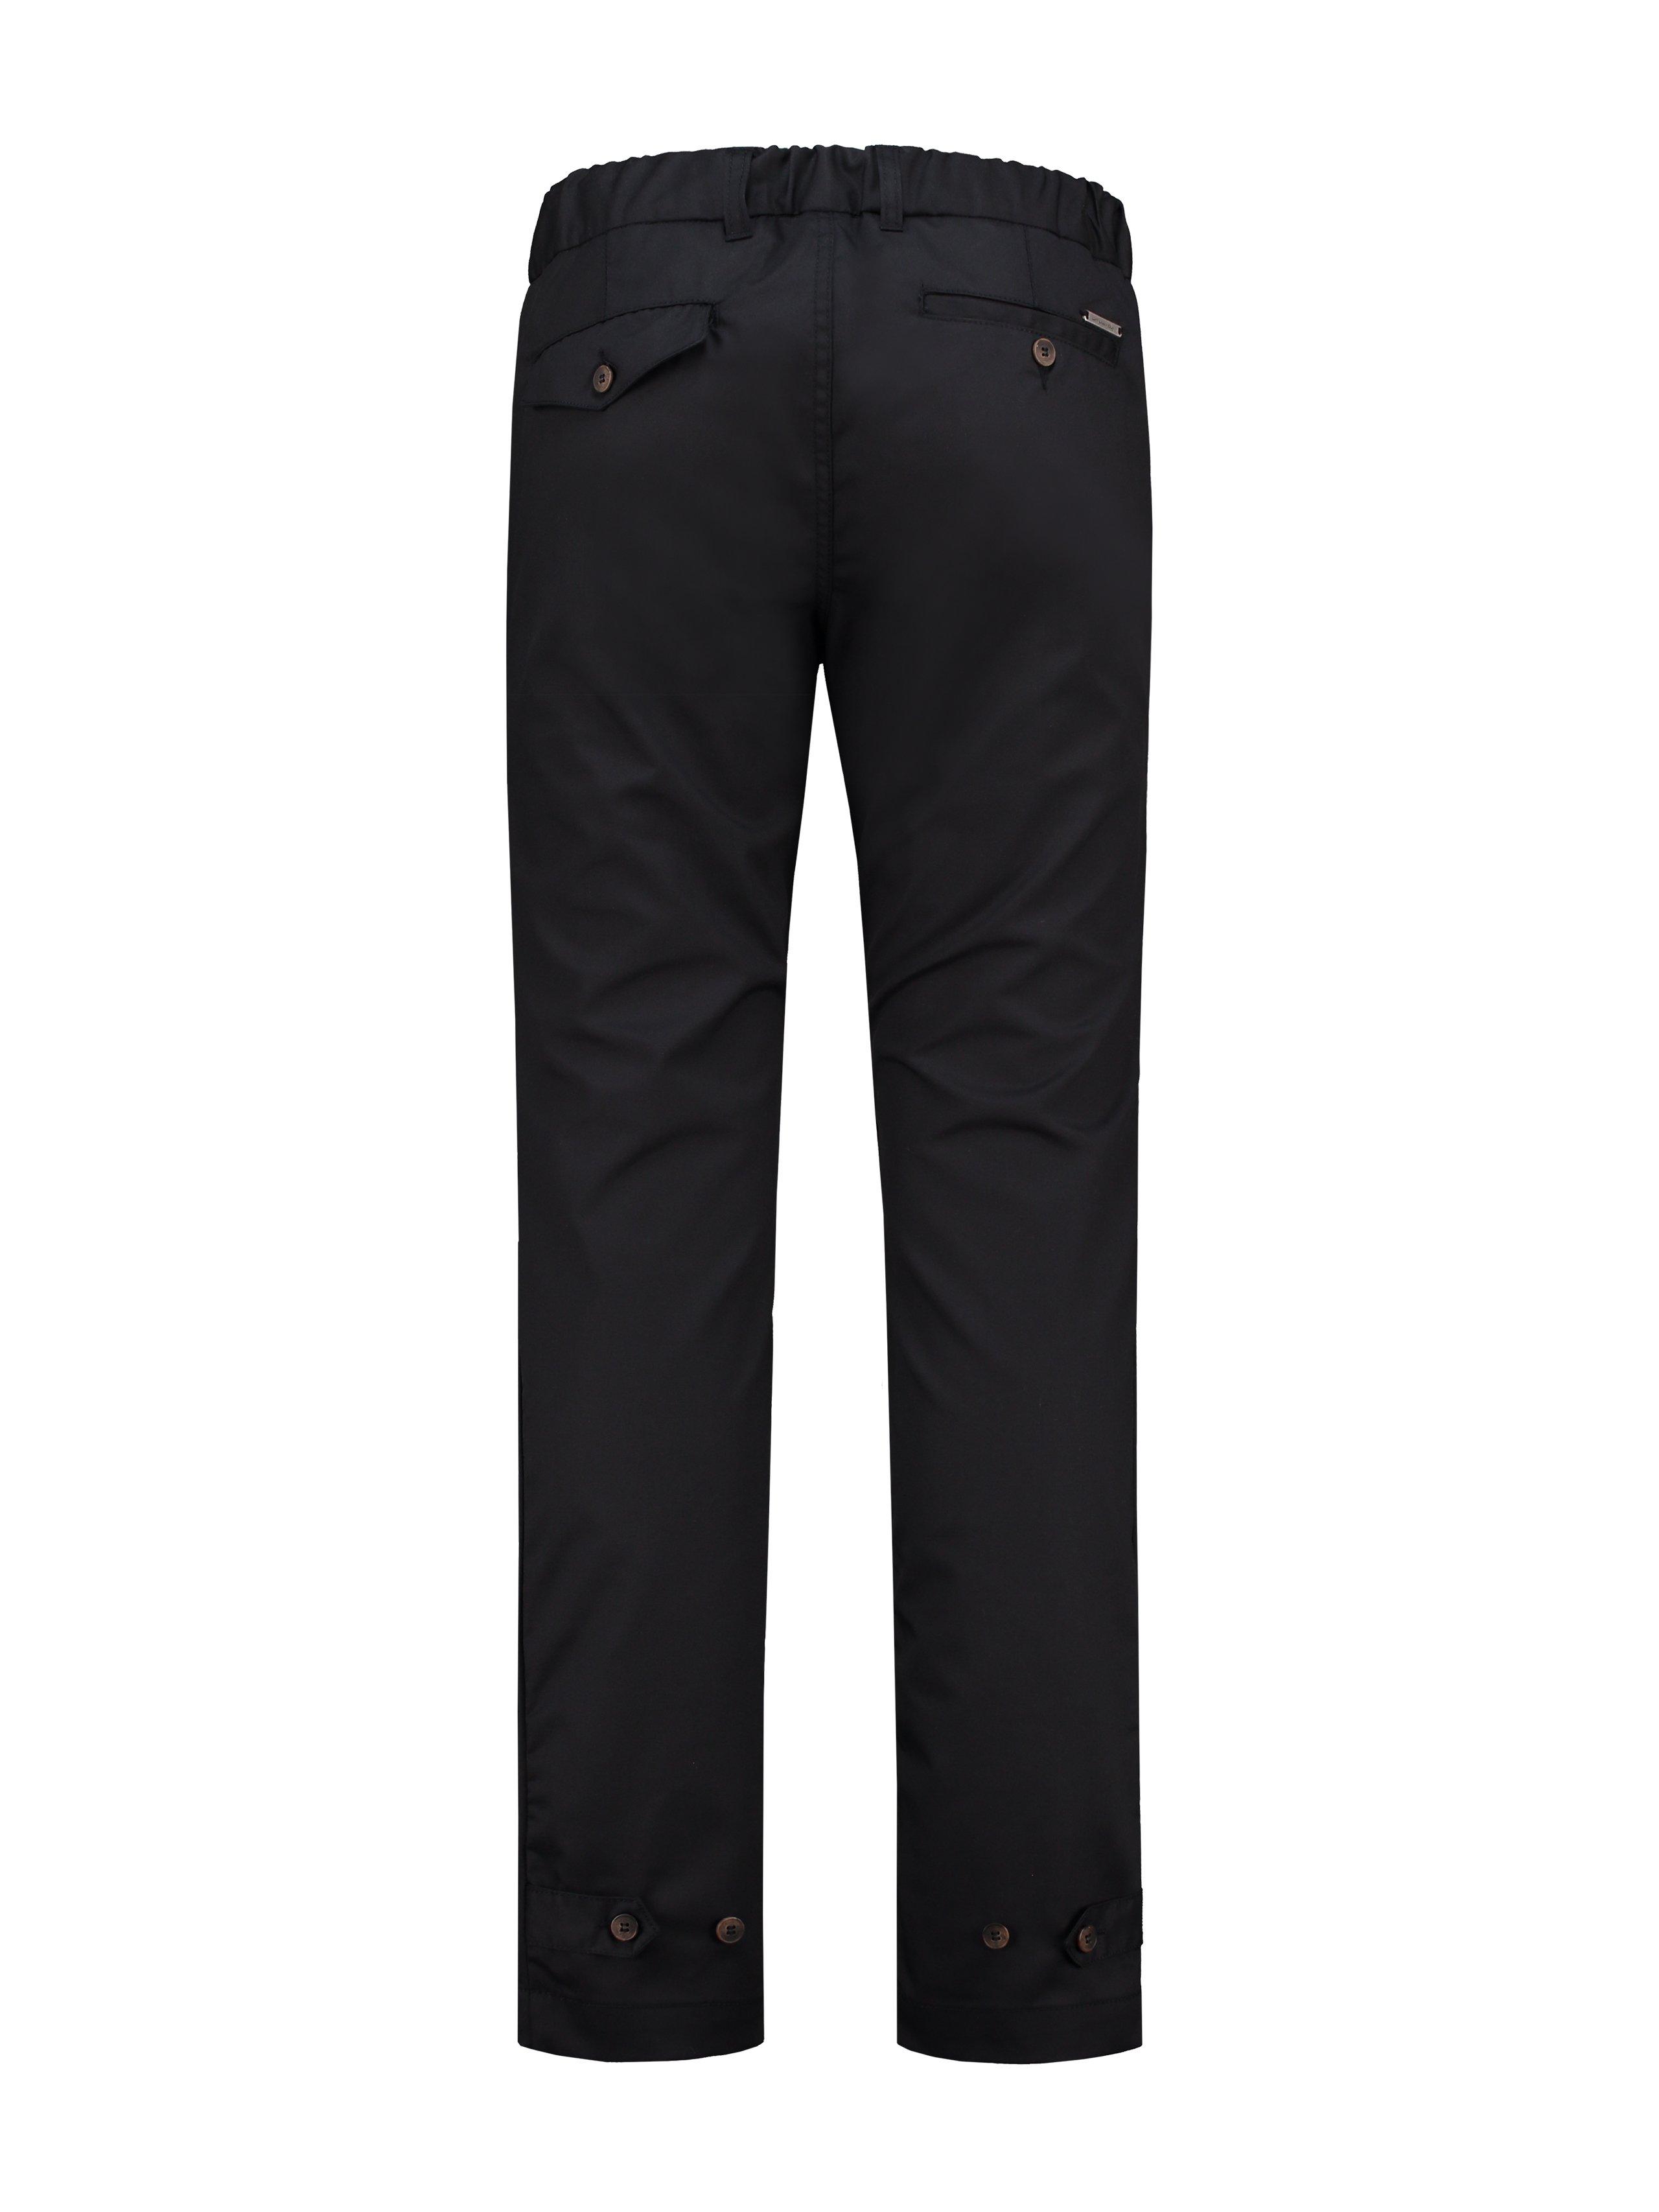 Pants Sydney Black